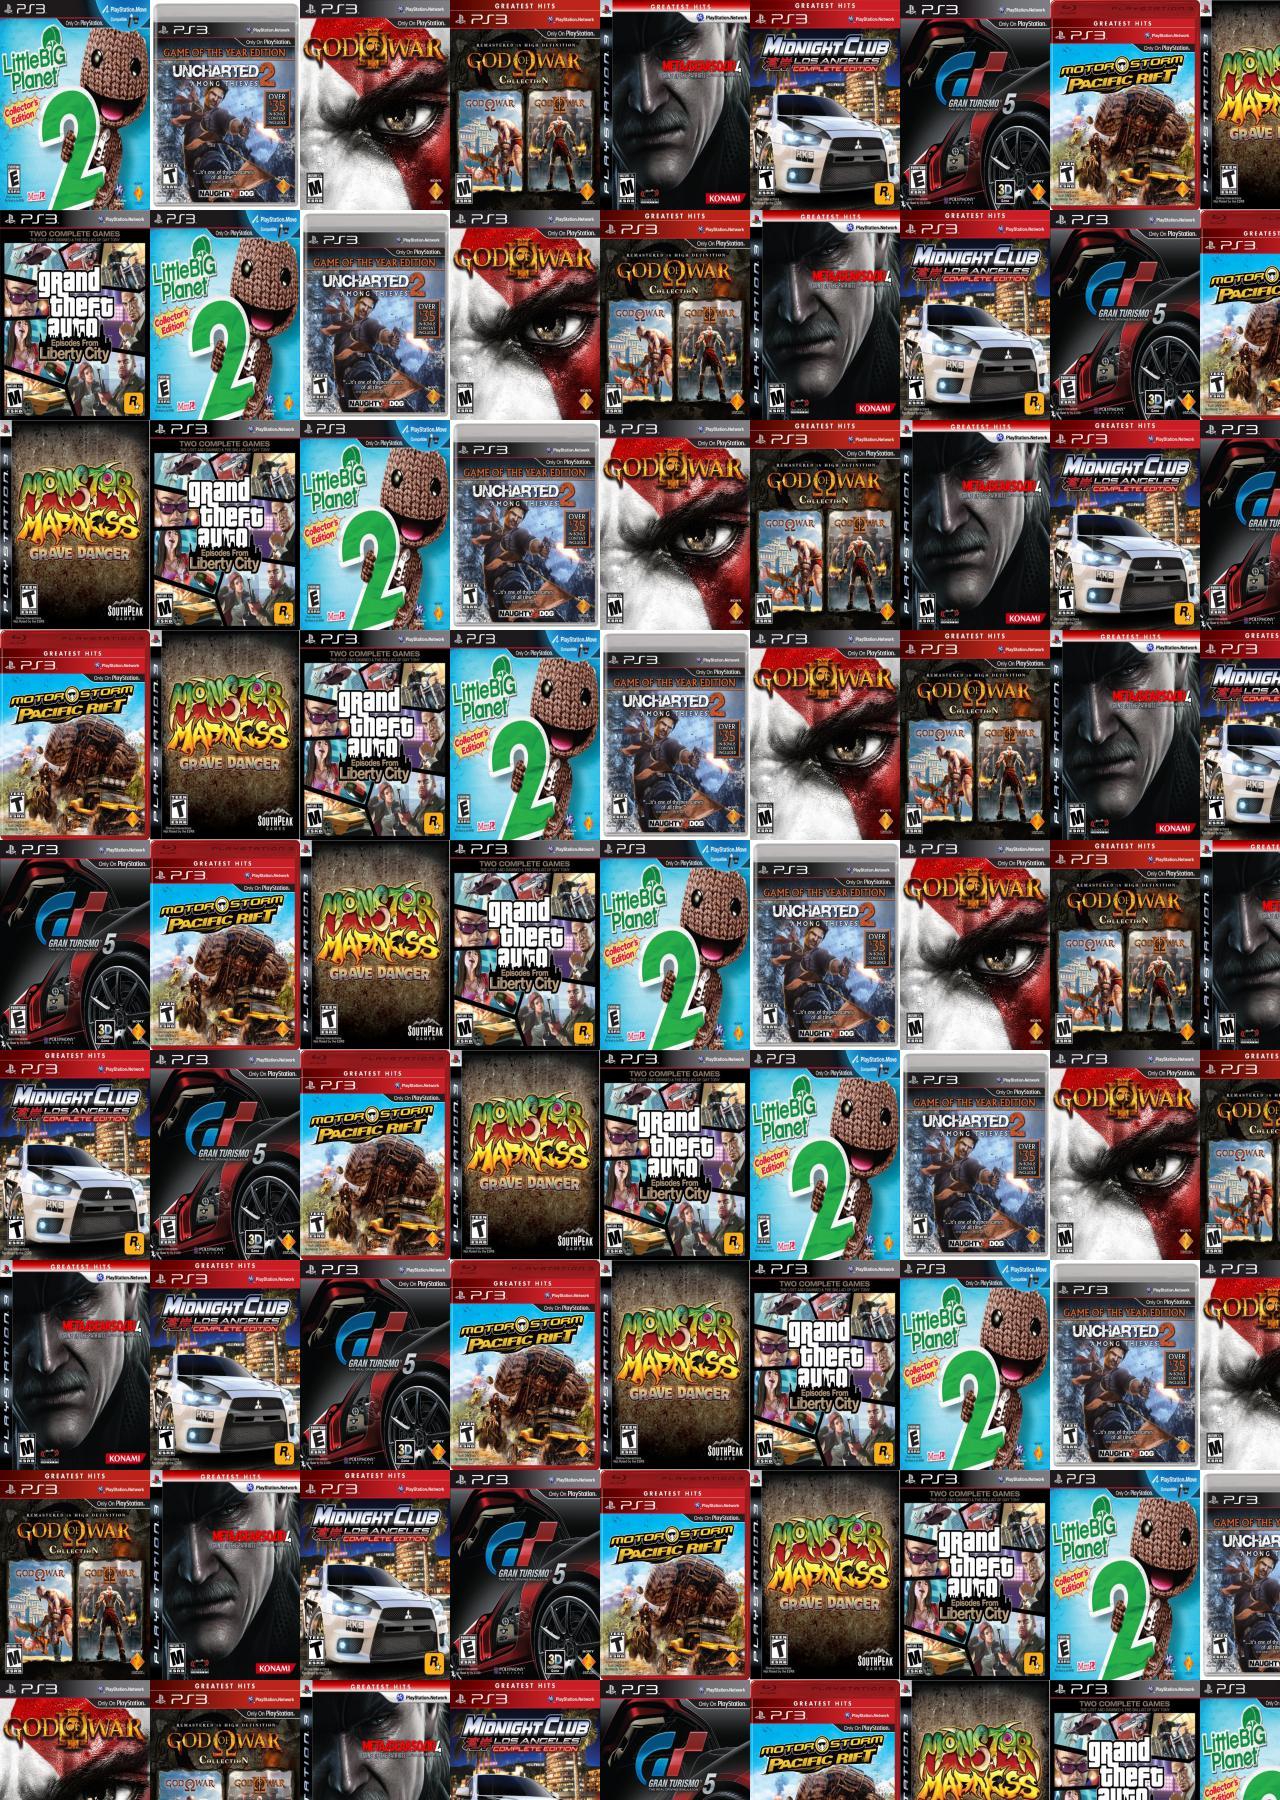 Little Big Planet Uncharted 2 God Of War Wallpaper Tiled Desktop